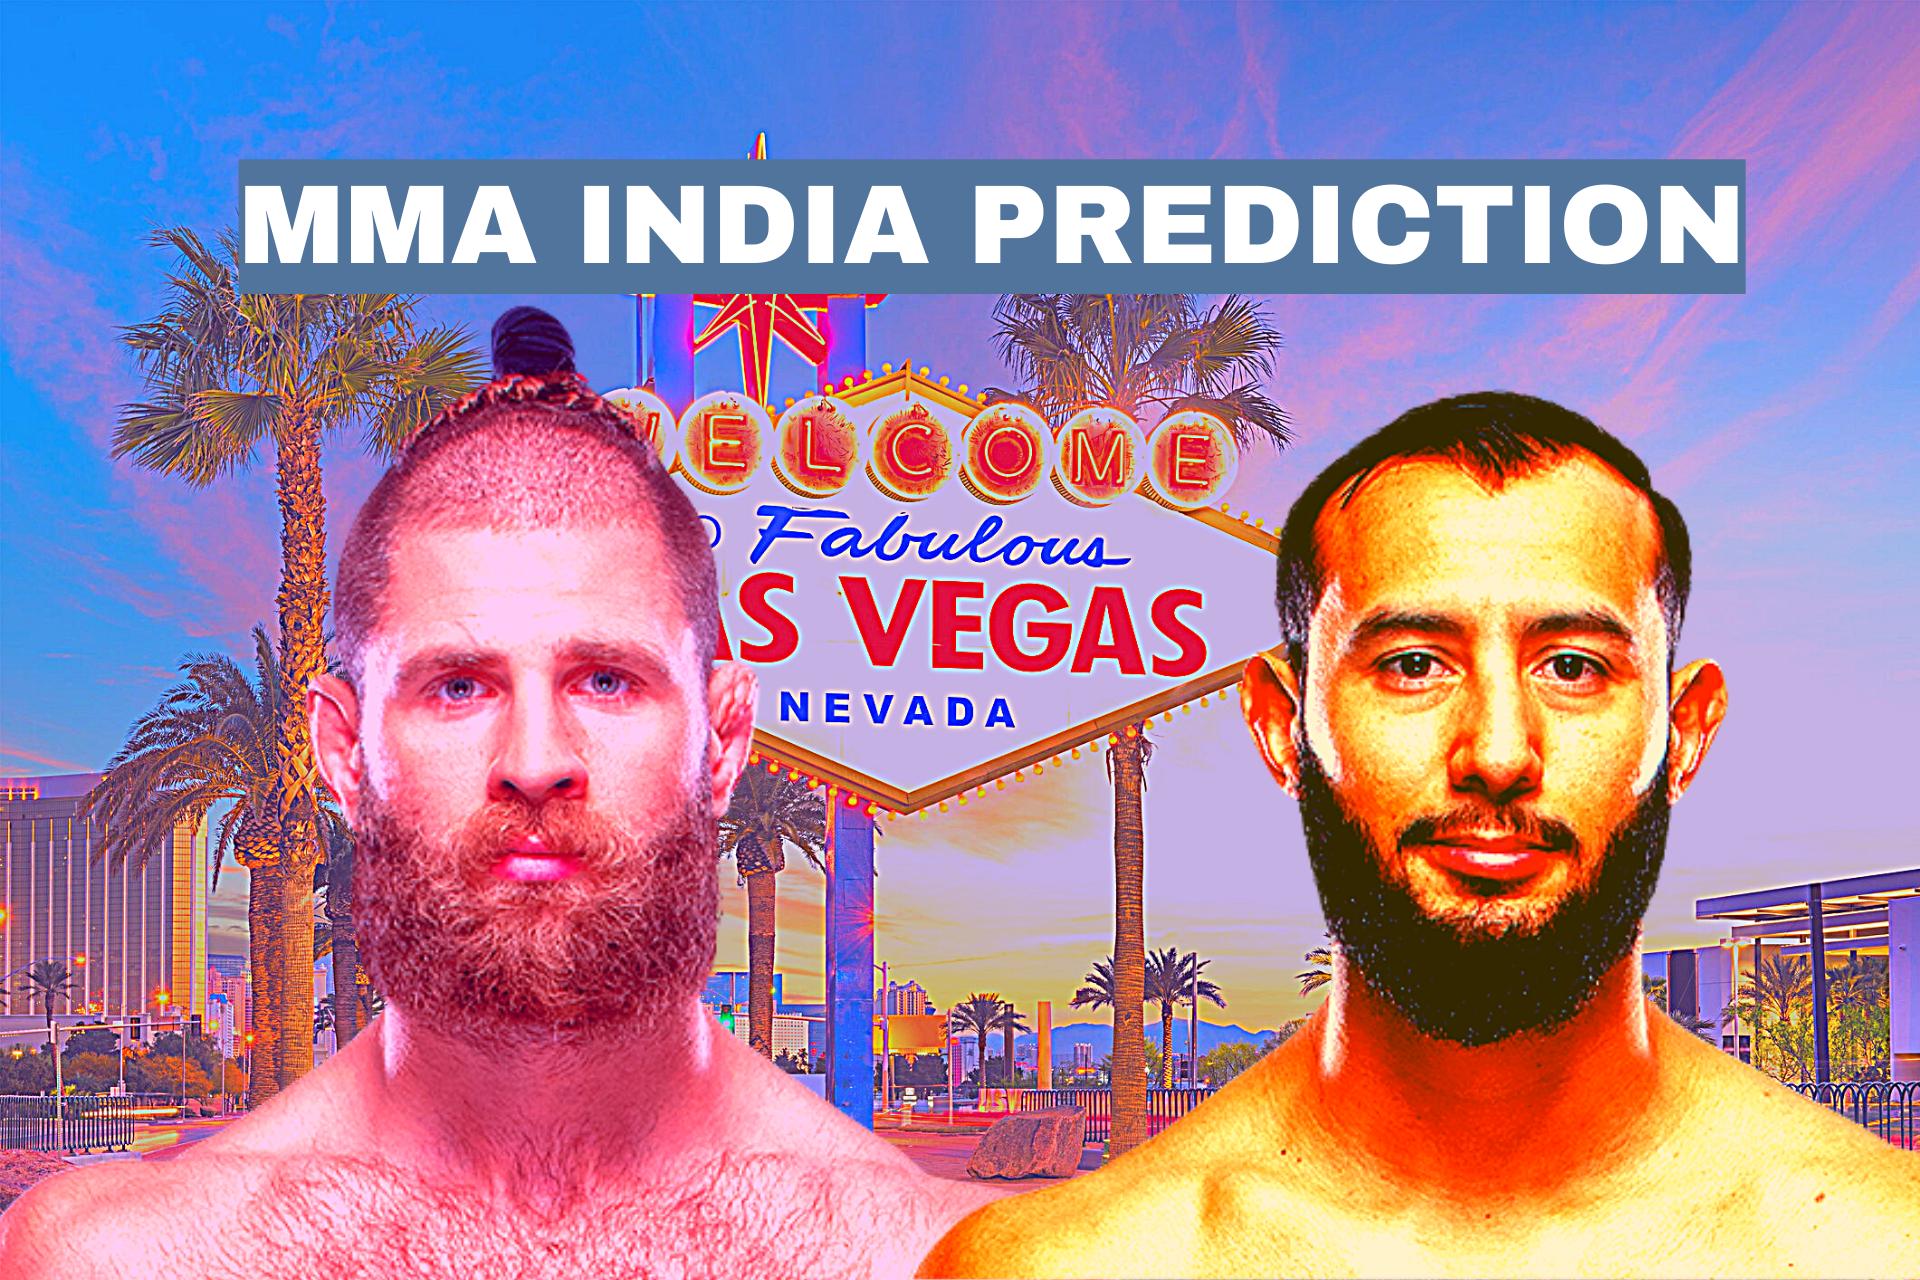 UFC Vegas 25: Reyes vs Prochazka Betting Odds and Prediction - Reyes